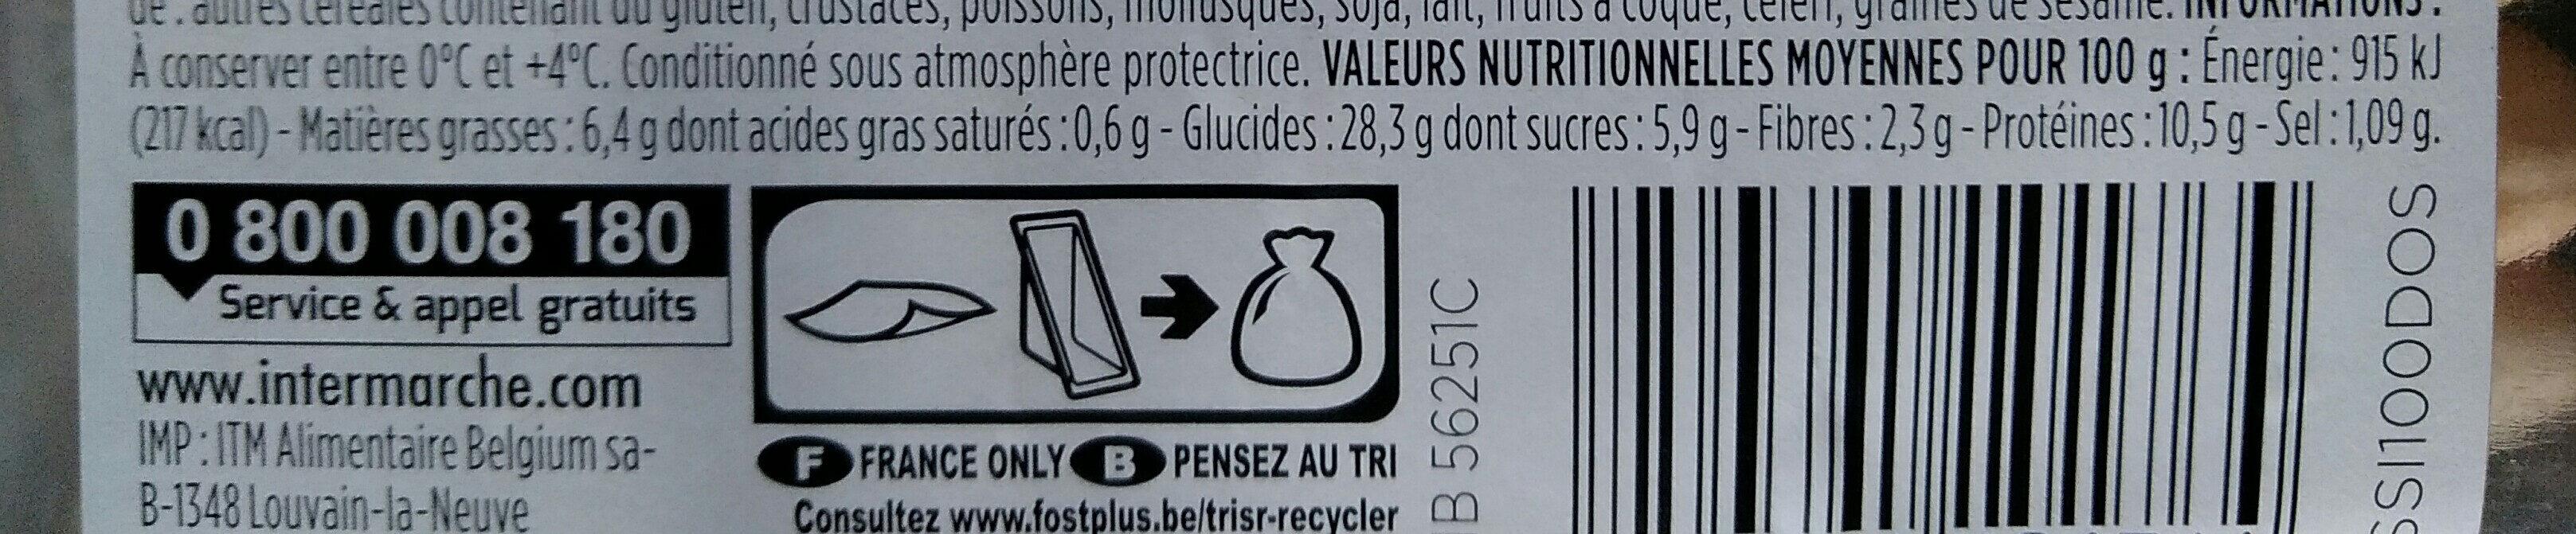 Poulet rôti moutarde à l'ancienne - Voedingswaarden - fr